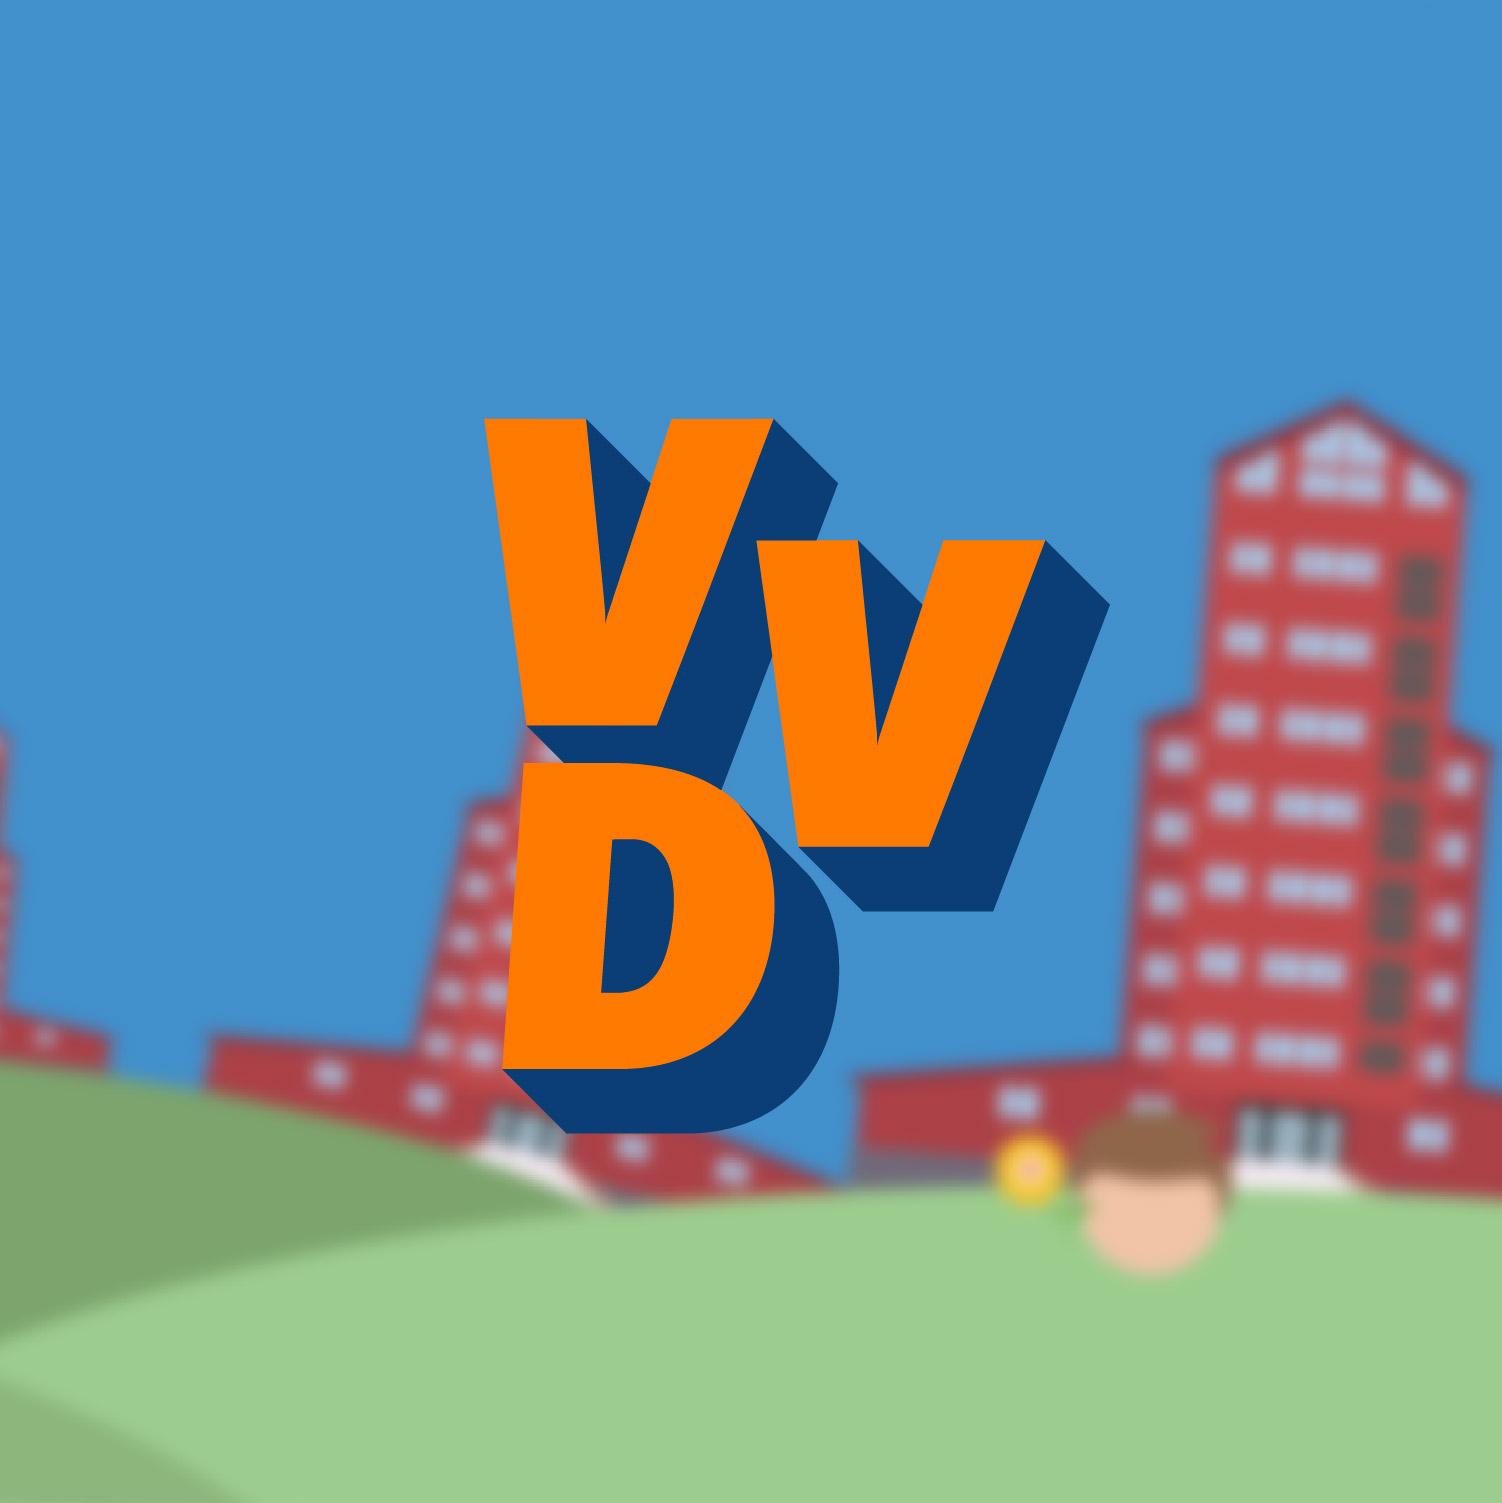 VVD | Campagne Filmpjes